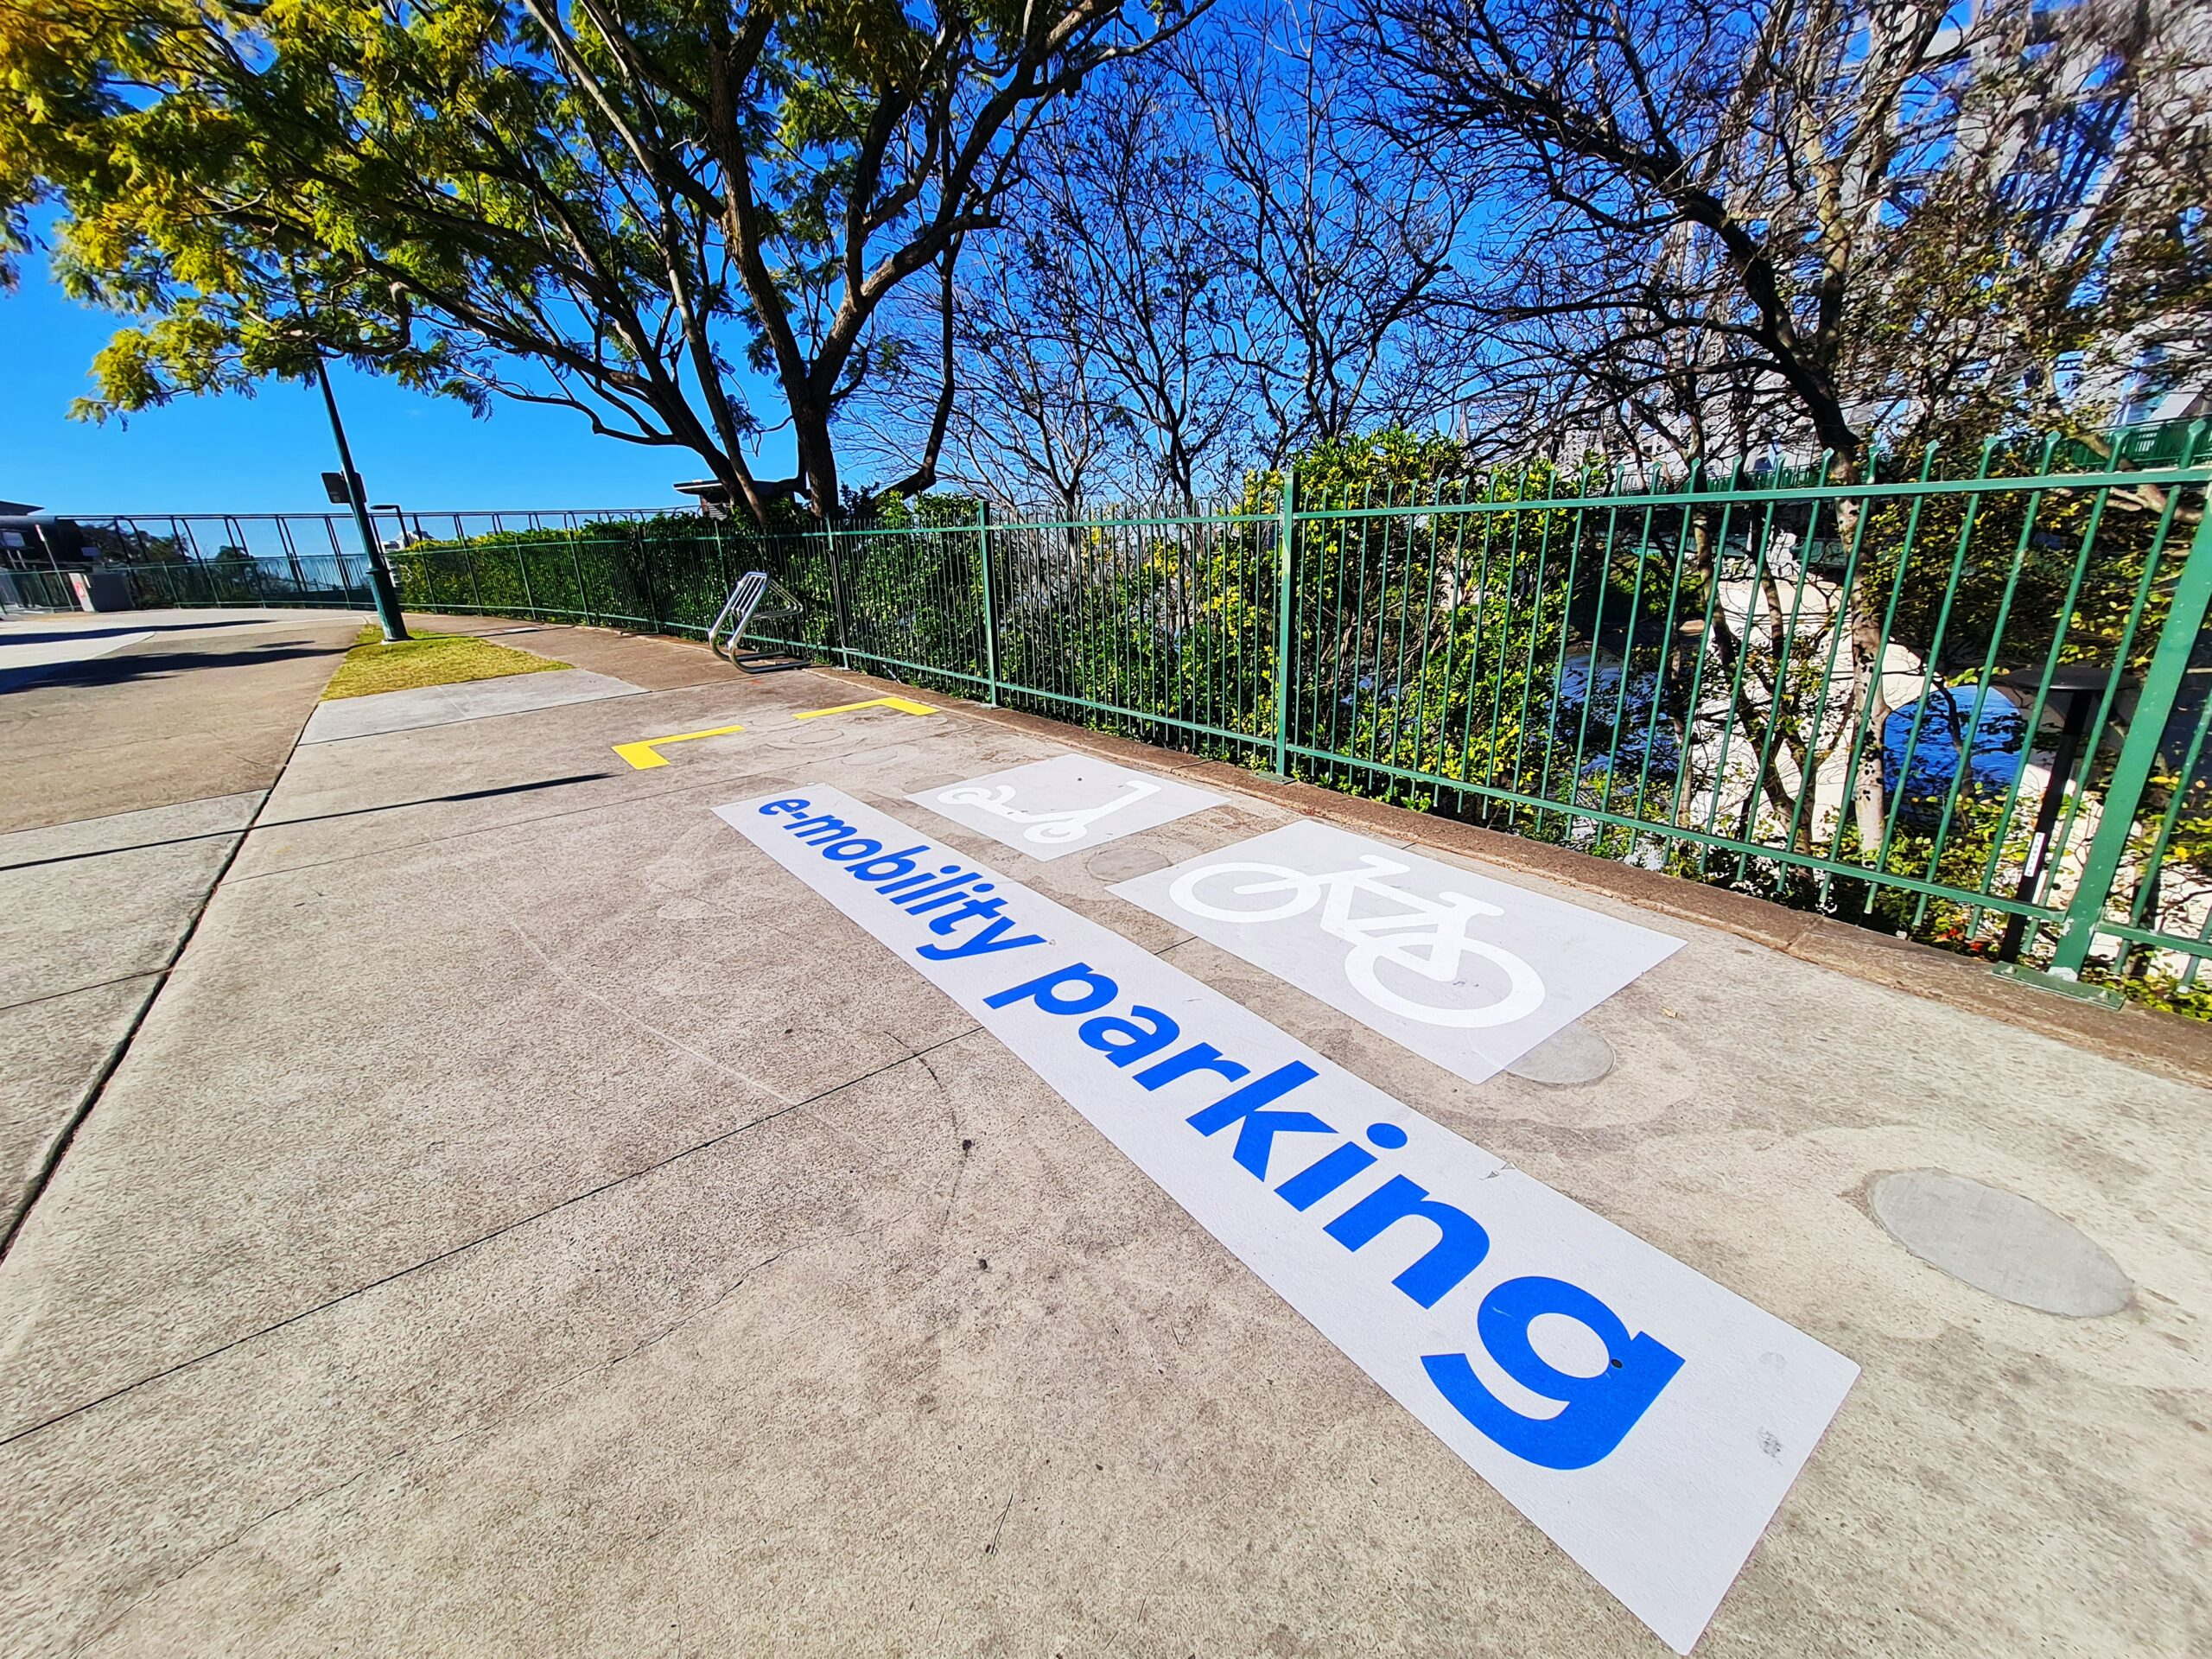 emobility parking